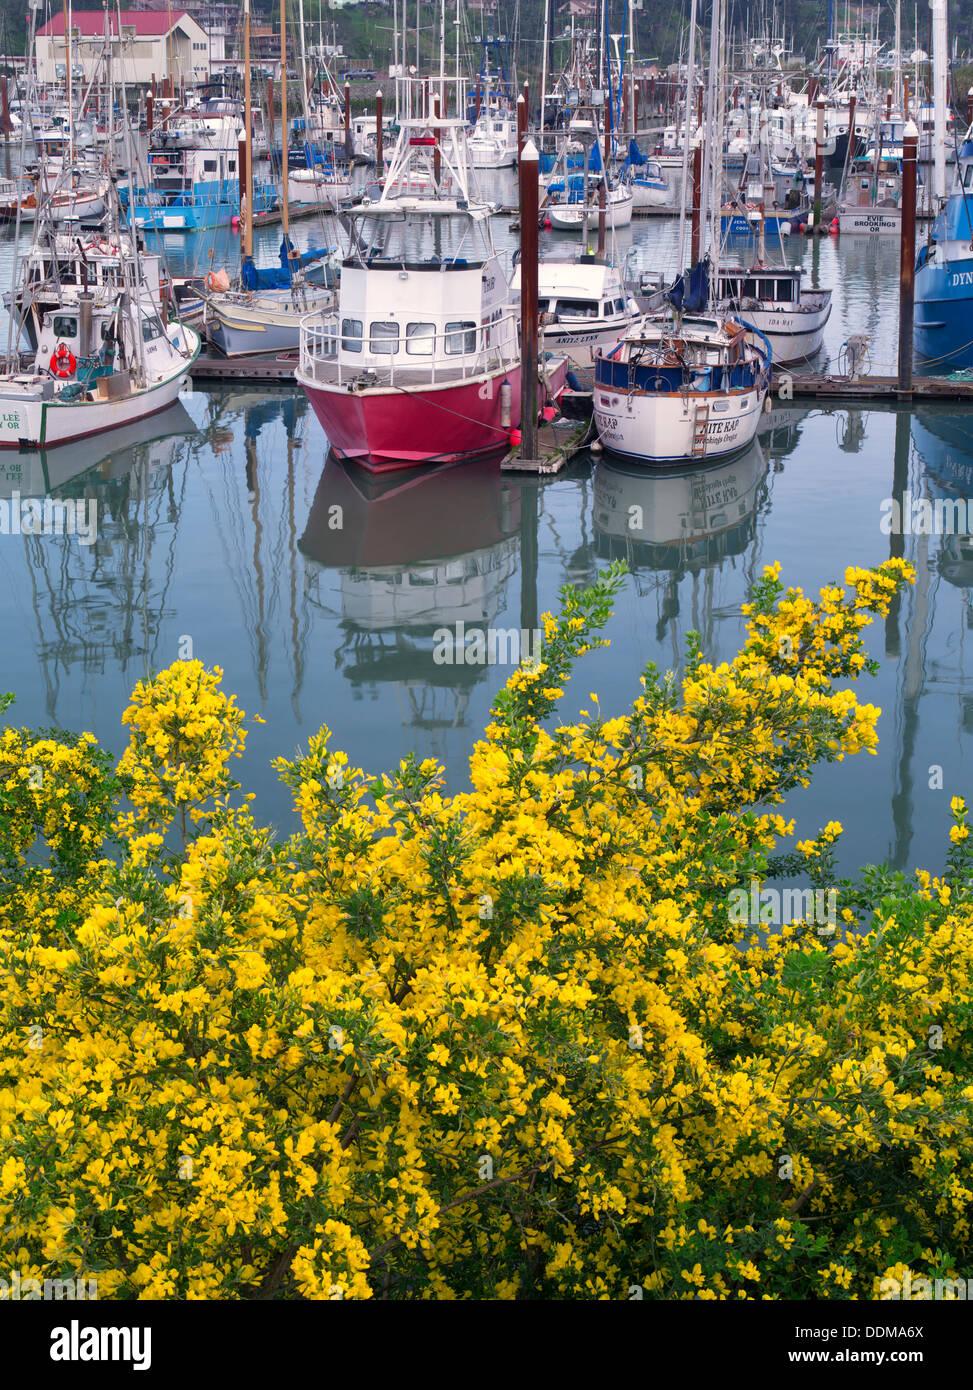 Barche da pesca e ginestre fiorite. Brookings Harbor, Brookings, Oregon. Immagini Stock